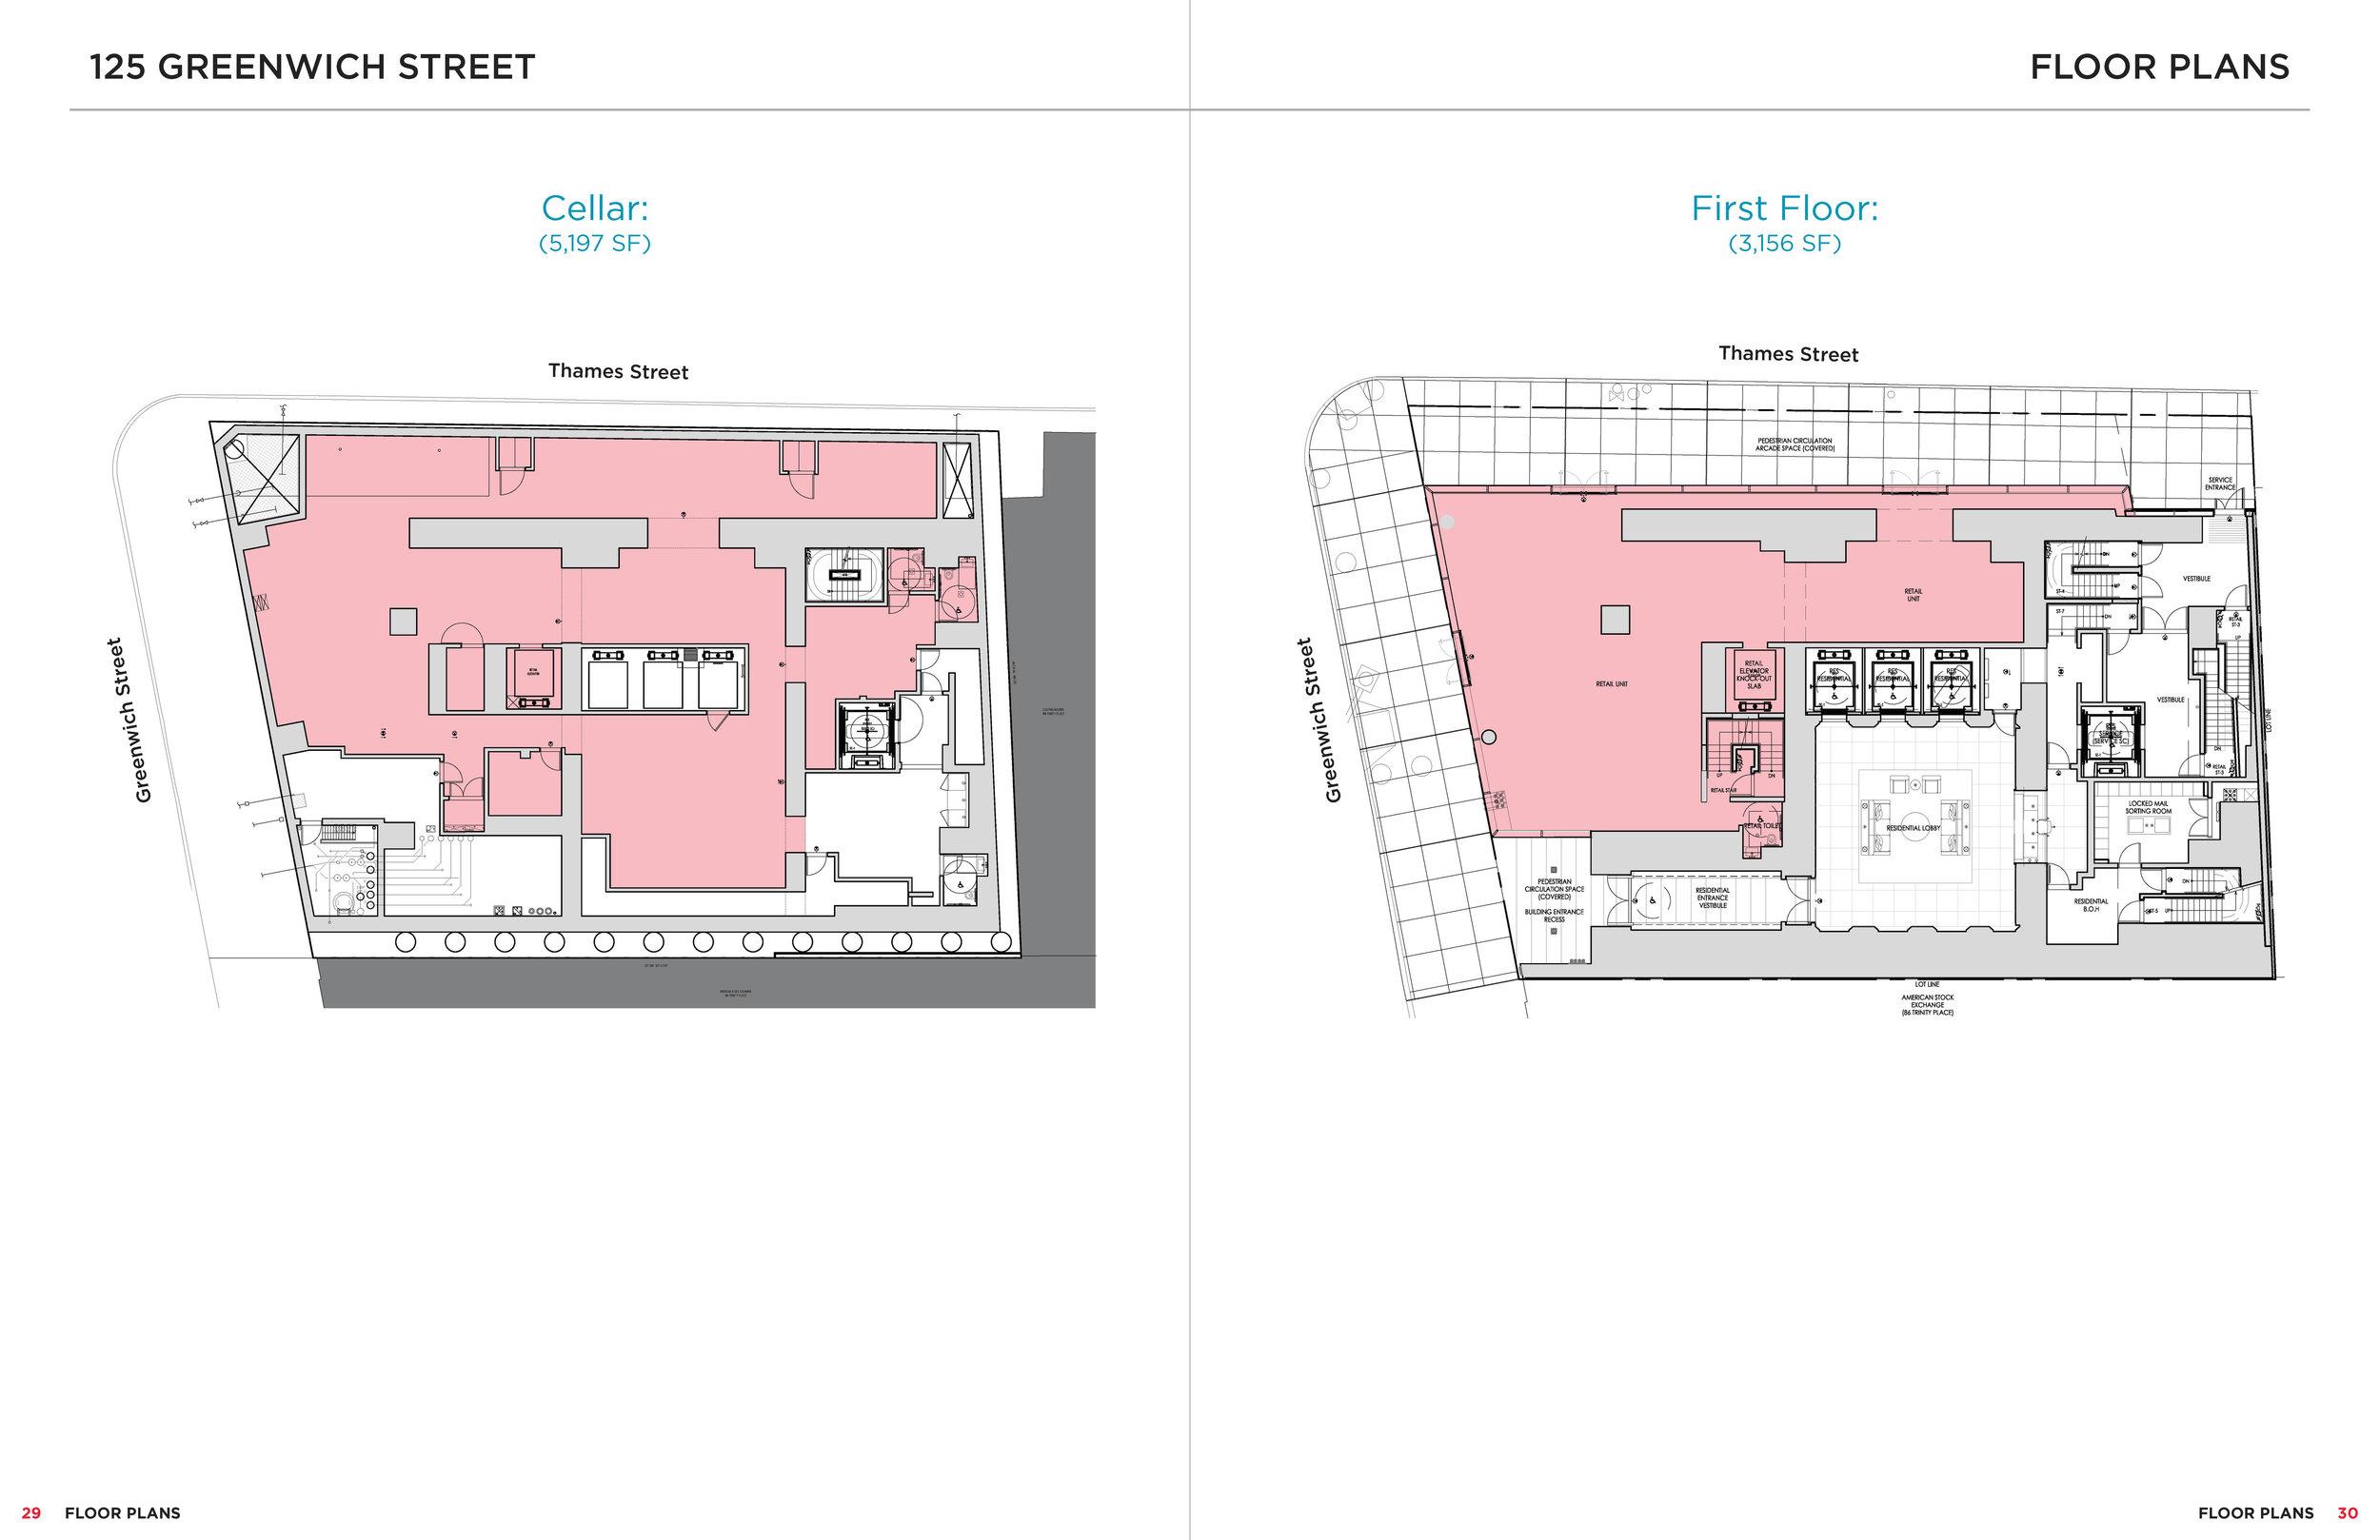 125 Greenwich Street - OM Web_Page_17.jpg